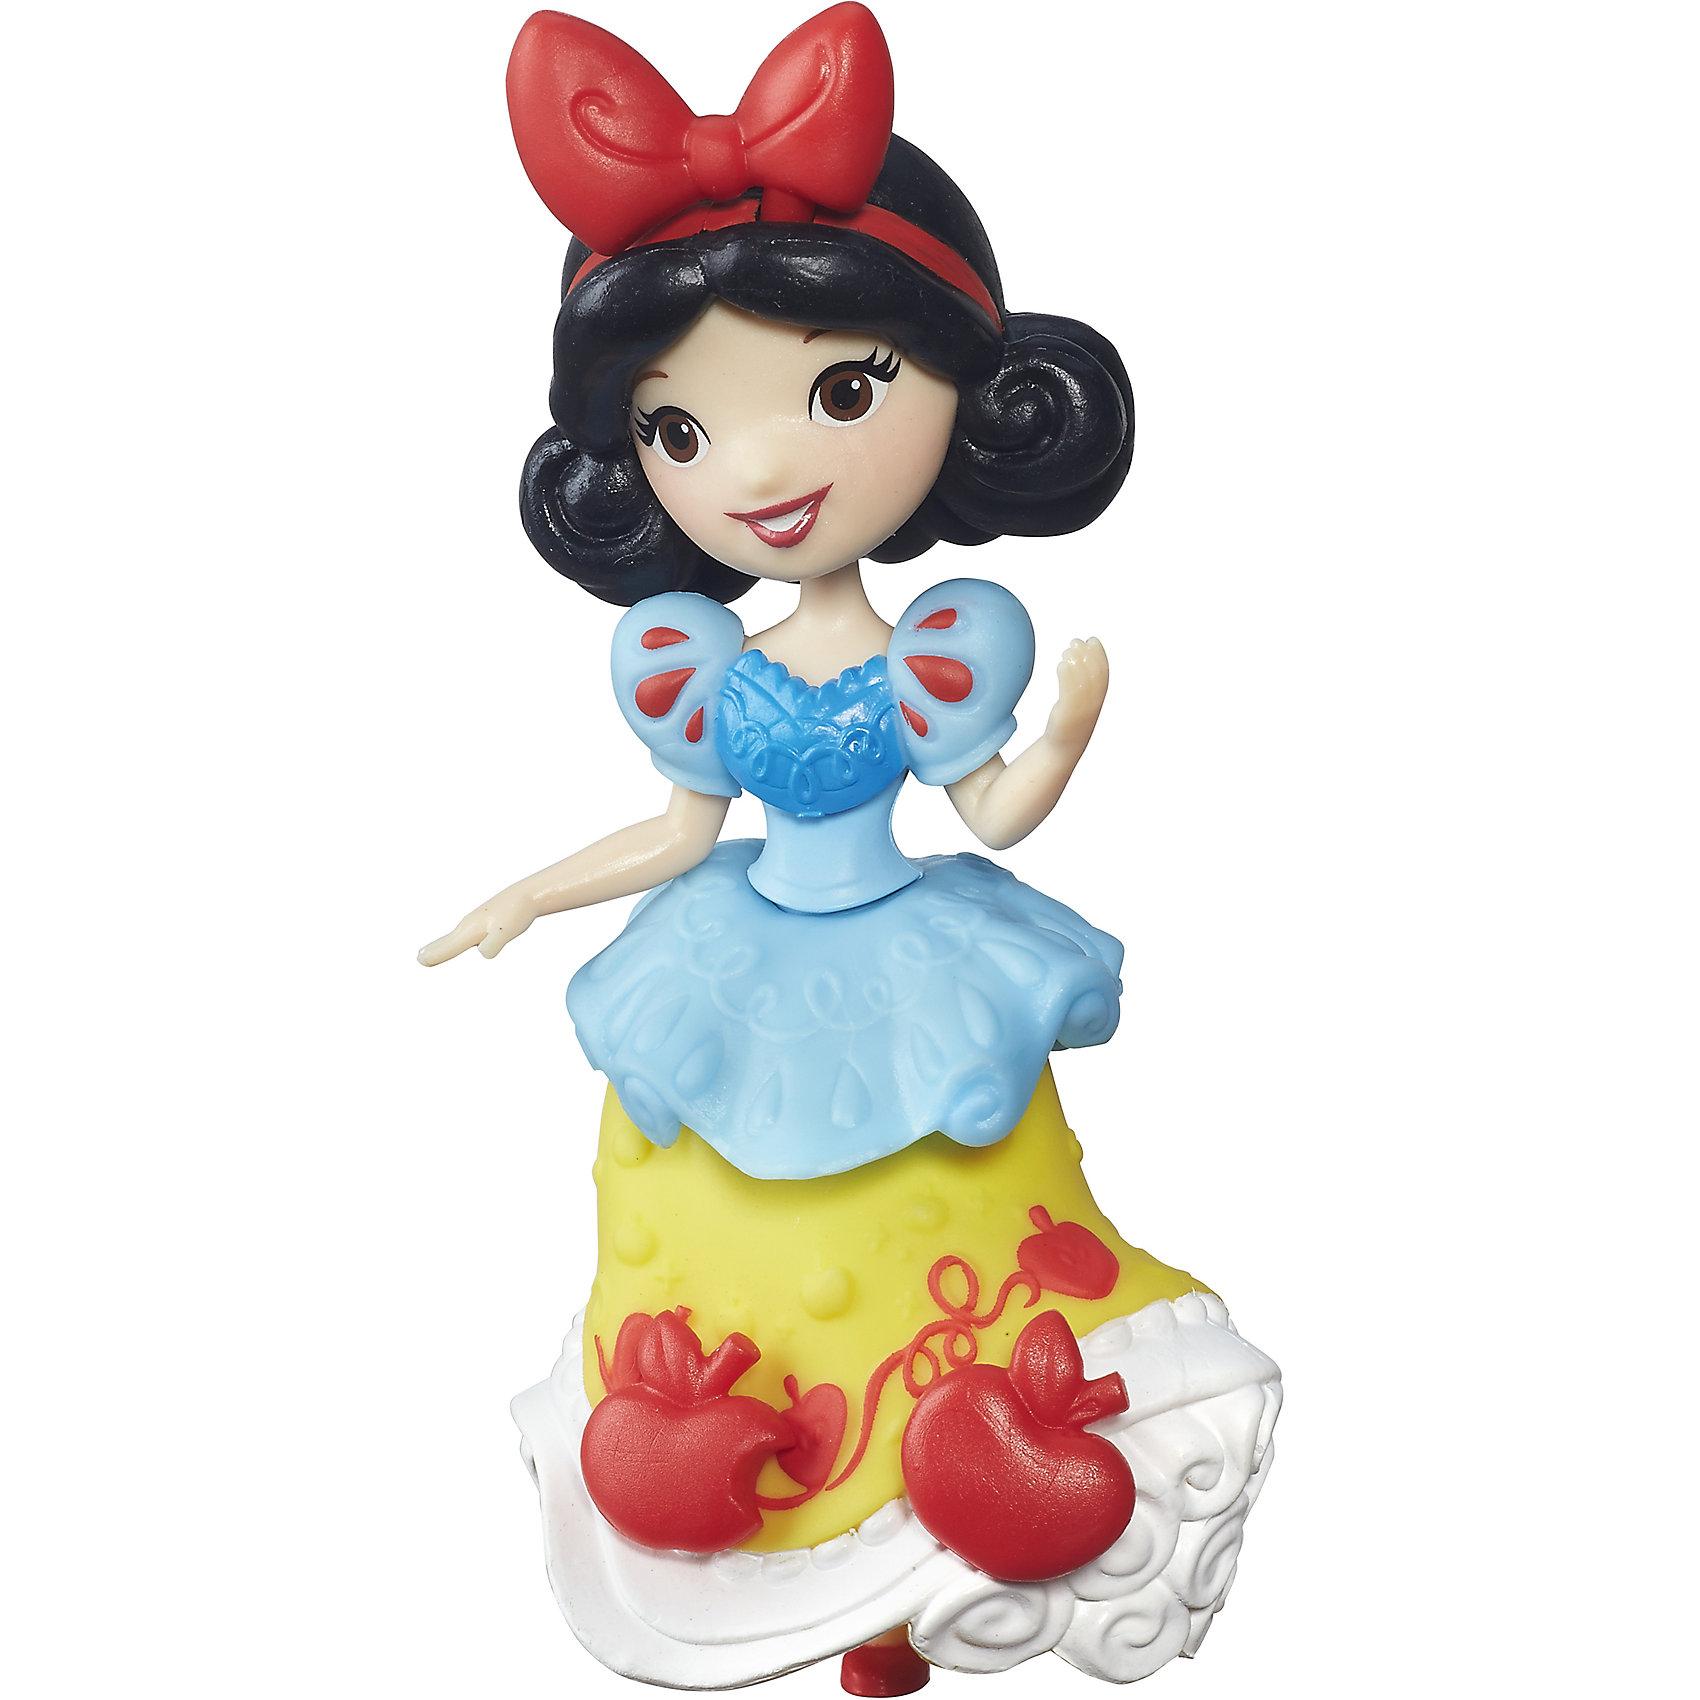 Hasbro Мини-кукла, Принцессы Дисней hasbro кукла рапунцель в платье со сменными юбками принцессы дисней b5312 b5315